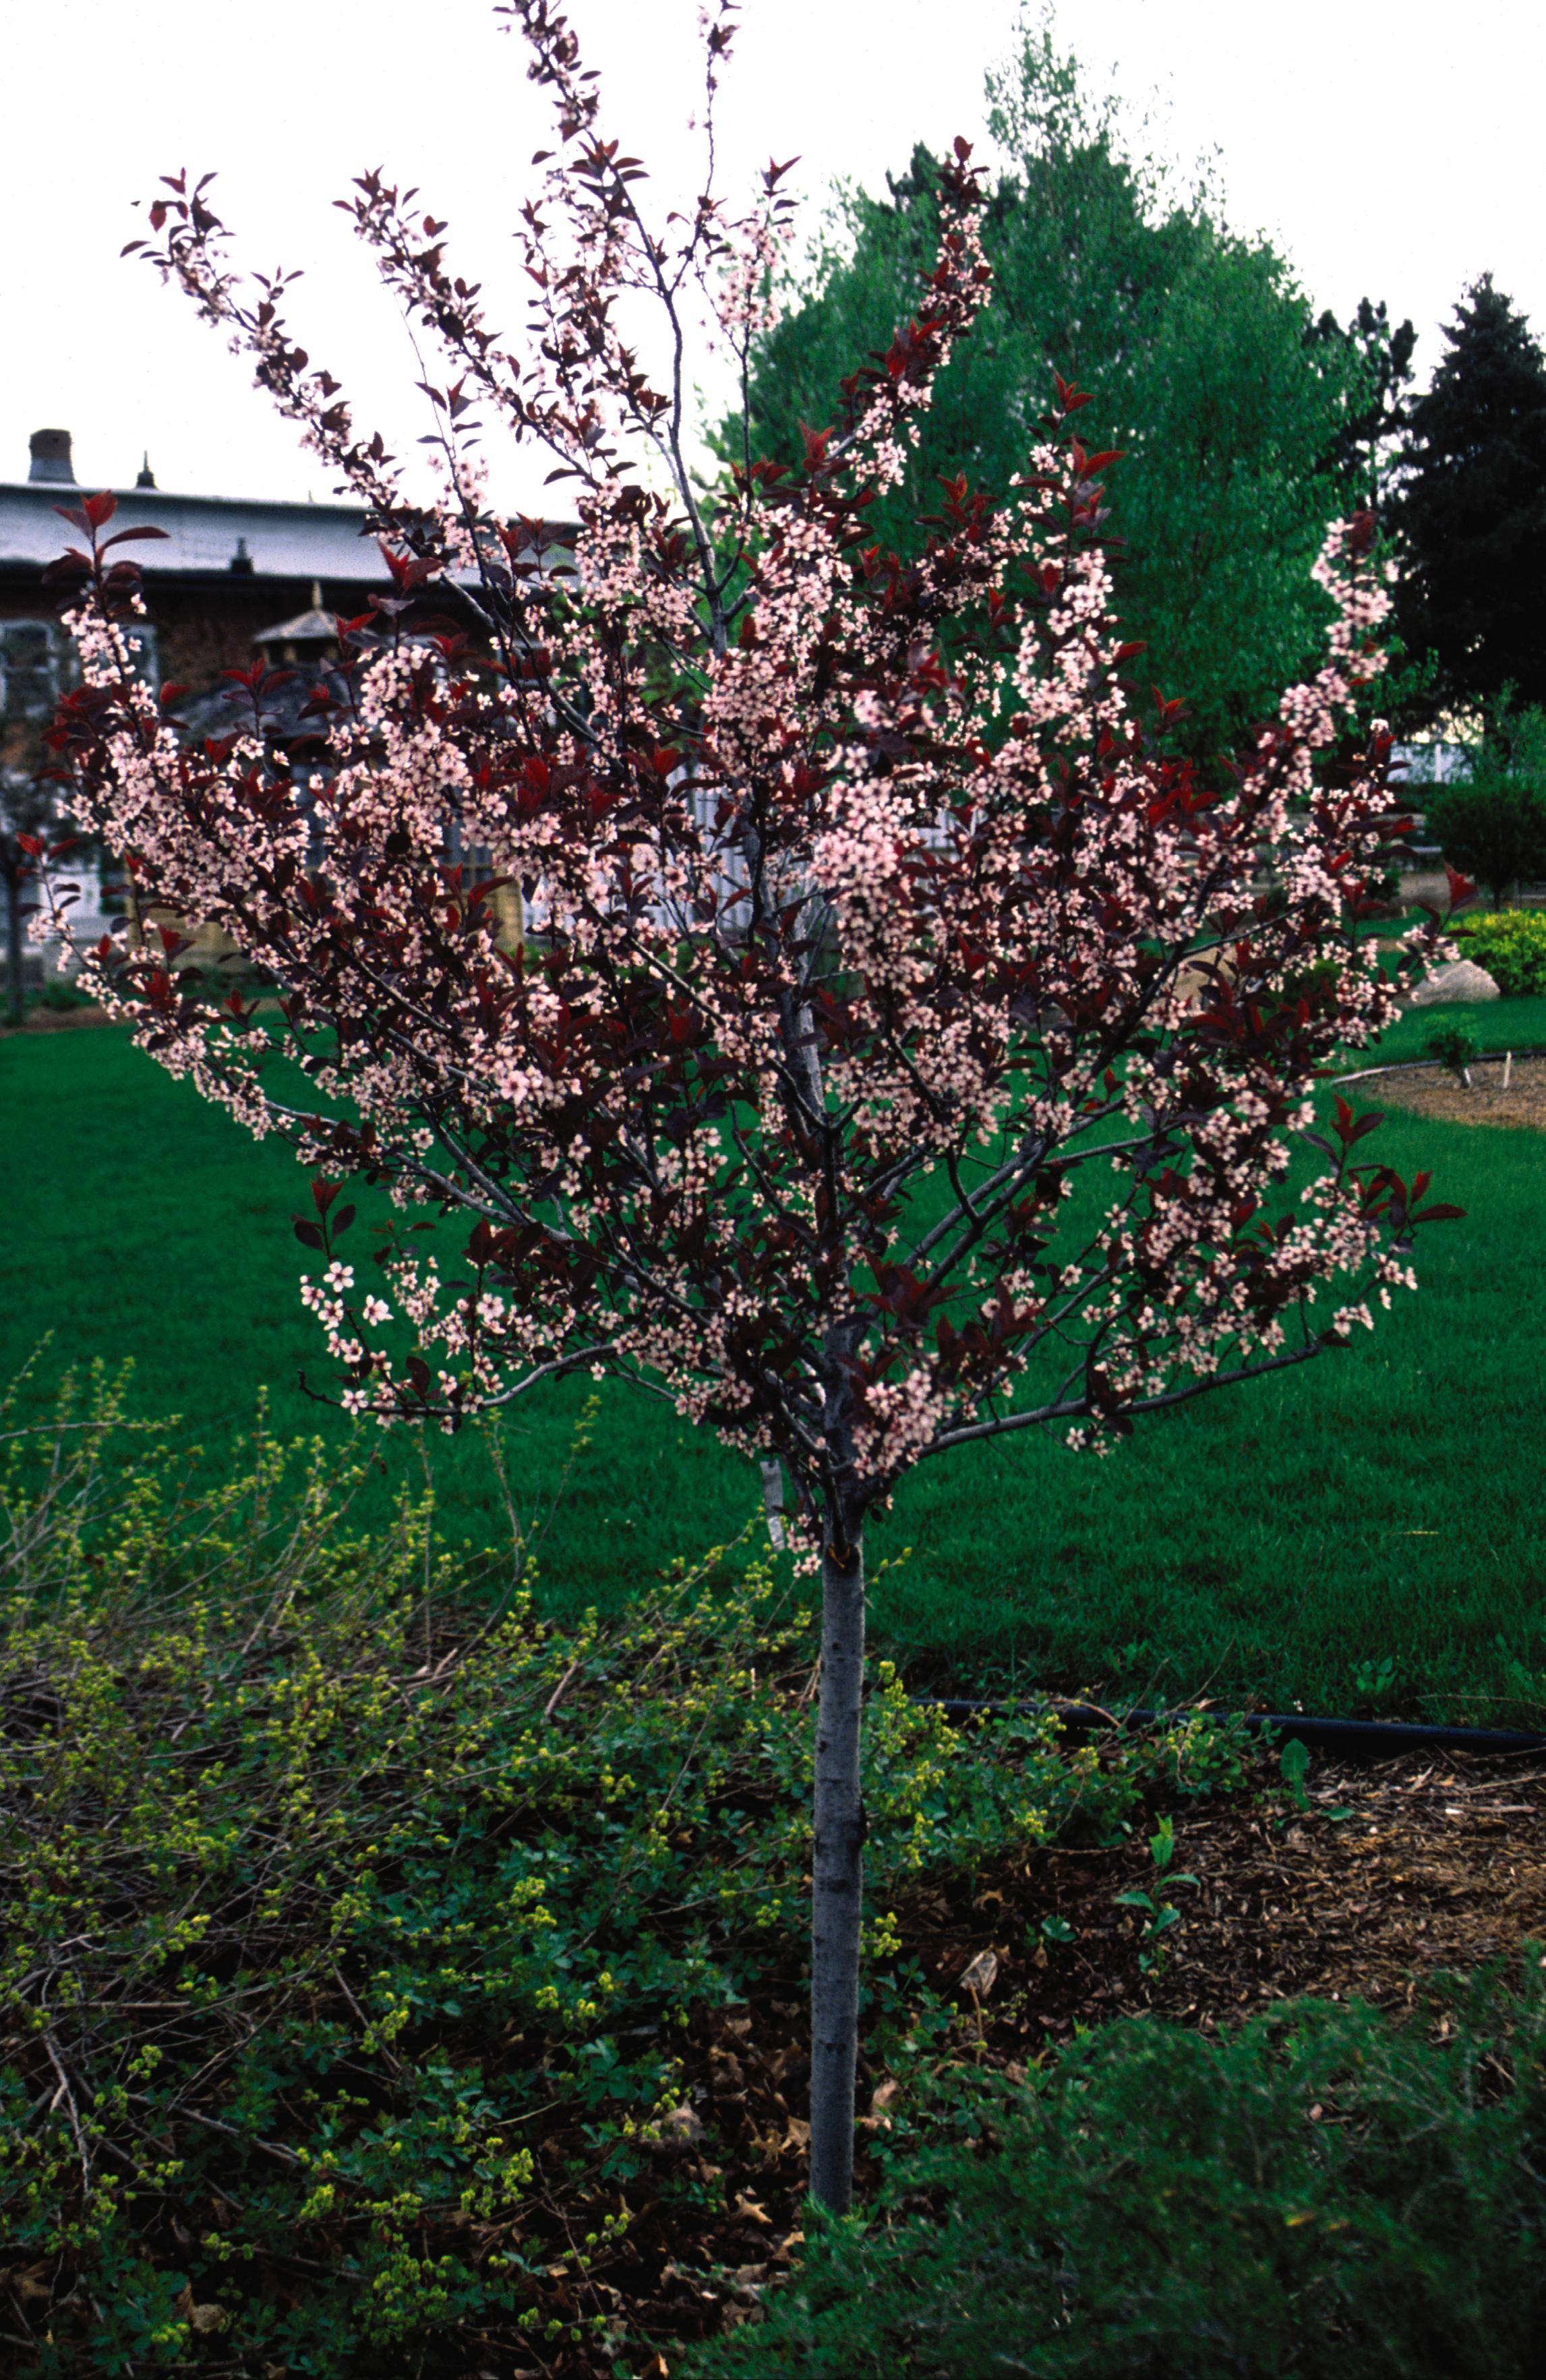 0324-1_PrunusvirgCanadaRedCherrytree.jpg.jpg